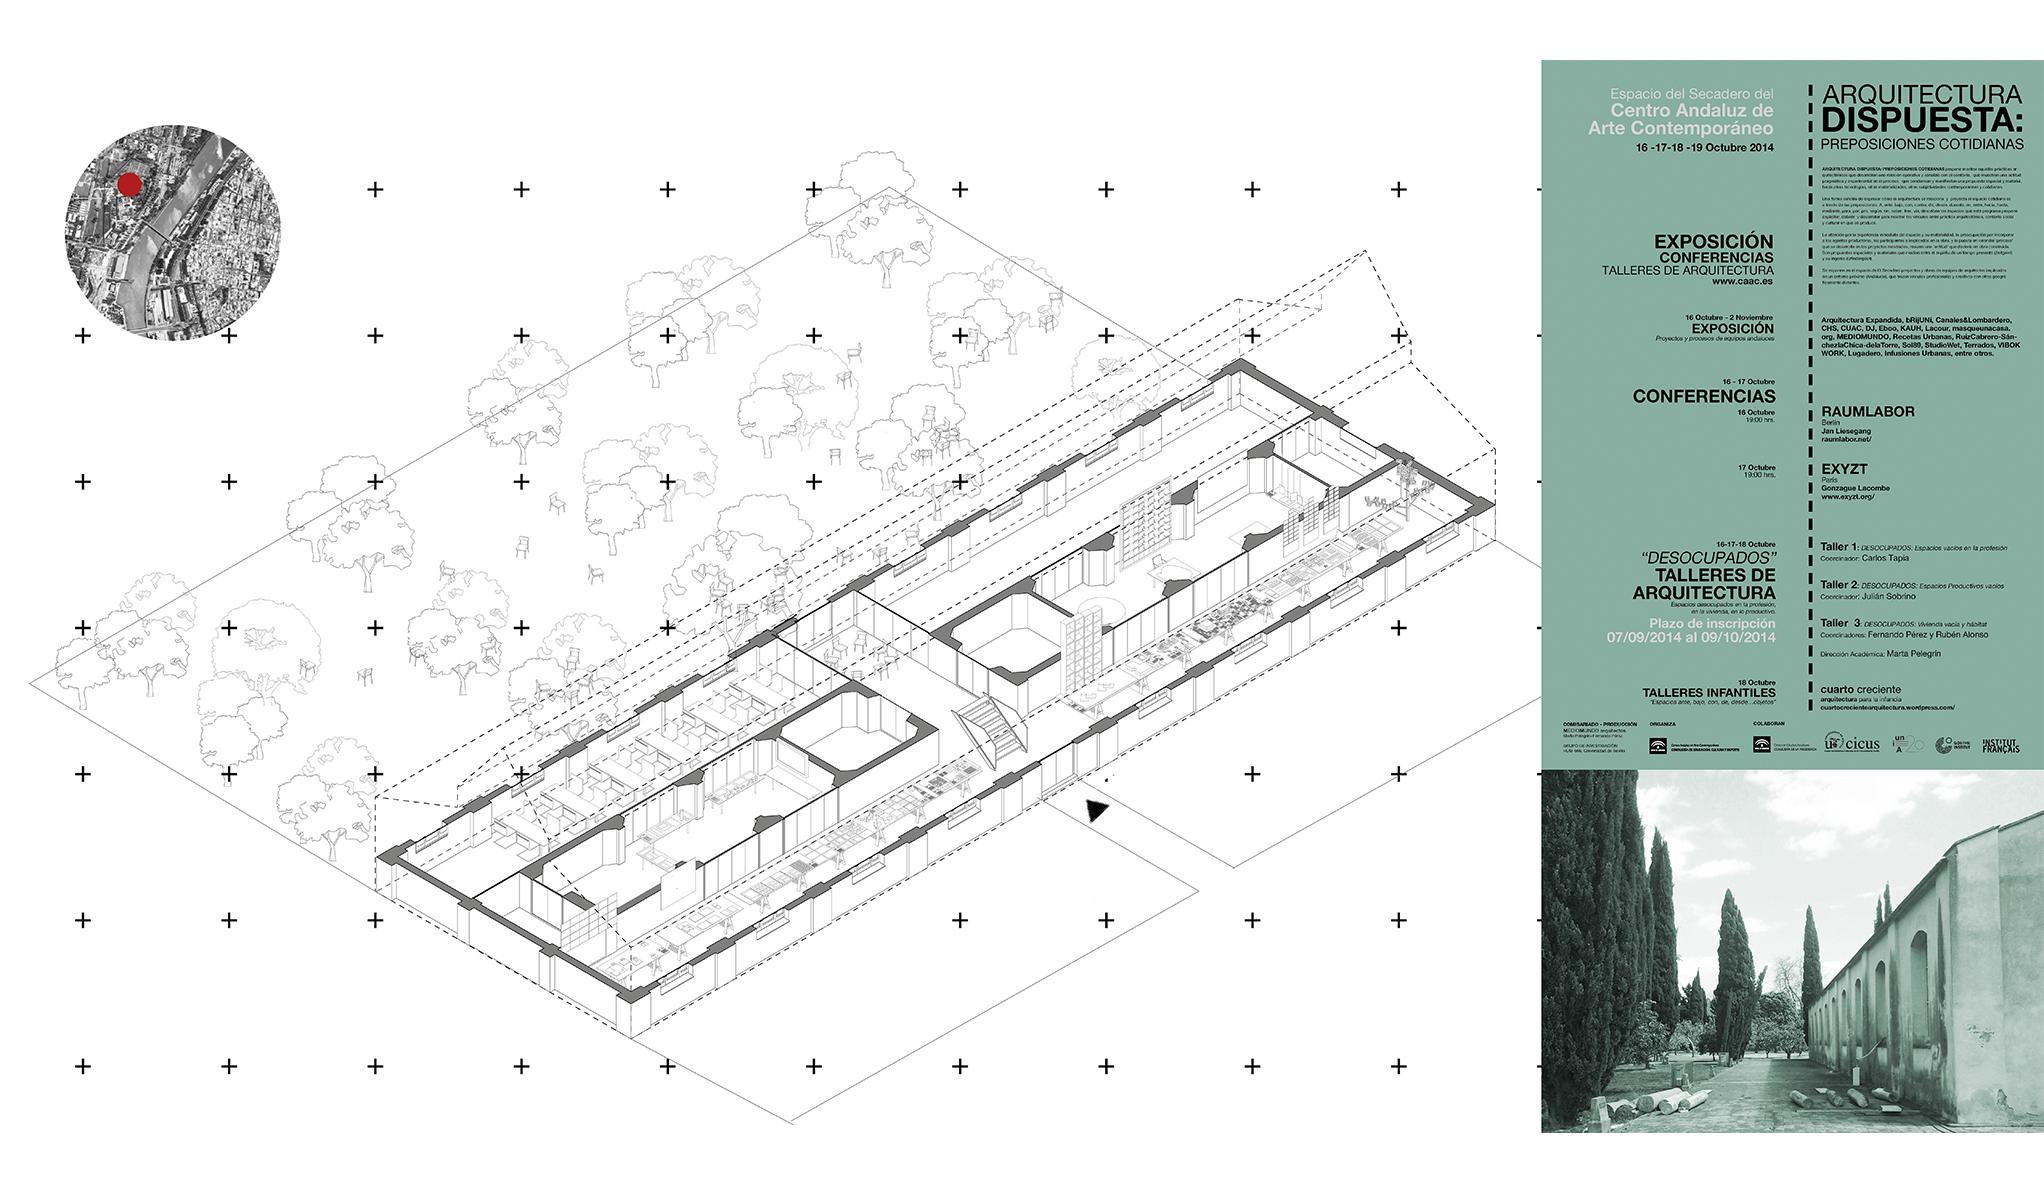 8_mediomundo arq_CAAC_ArquitecturaDispuesta